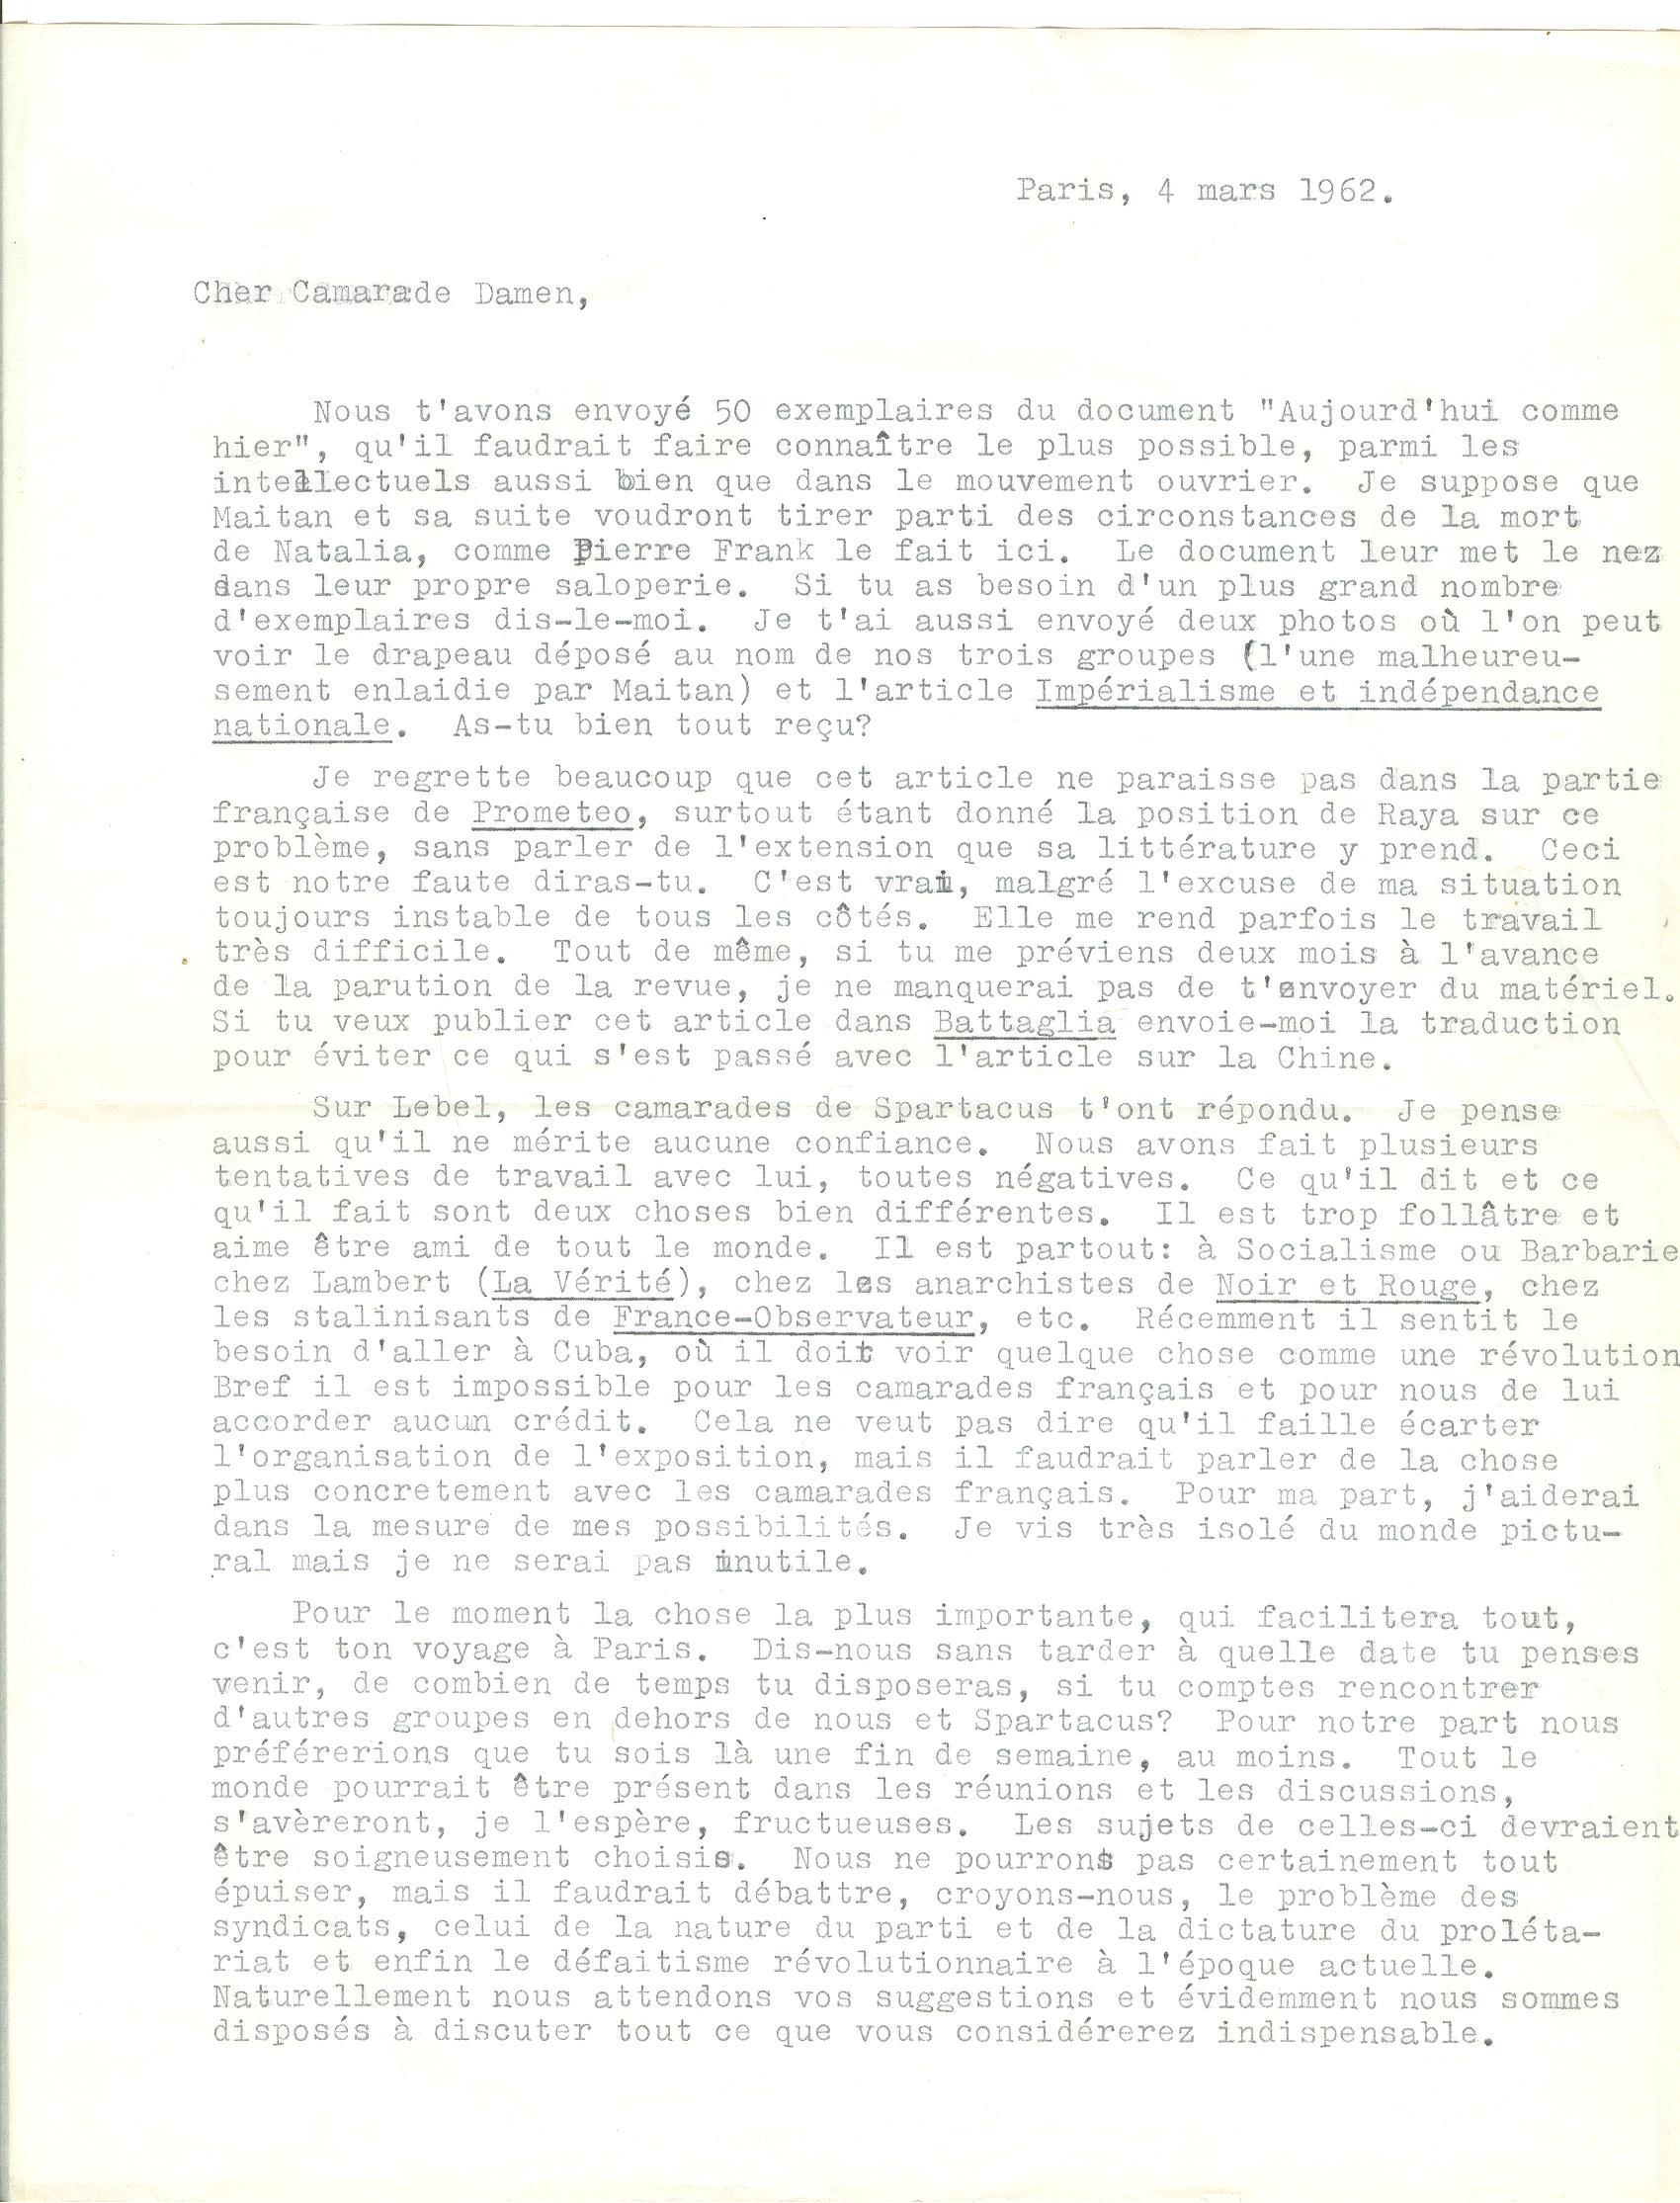 04 >> 3.a - Lettera di Munis a Onorato Damen (4 marzo 1962)